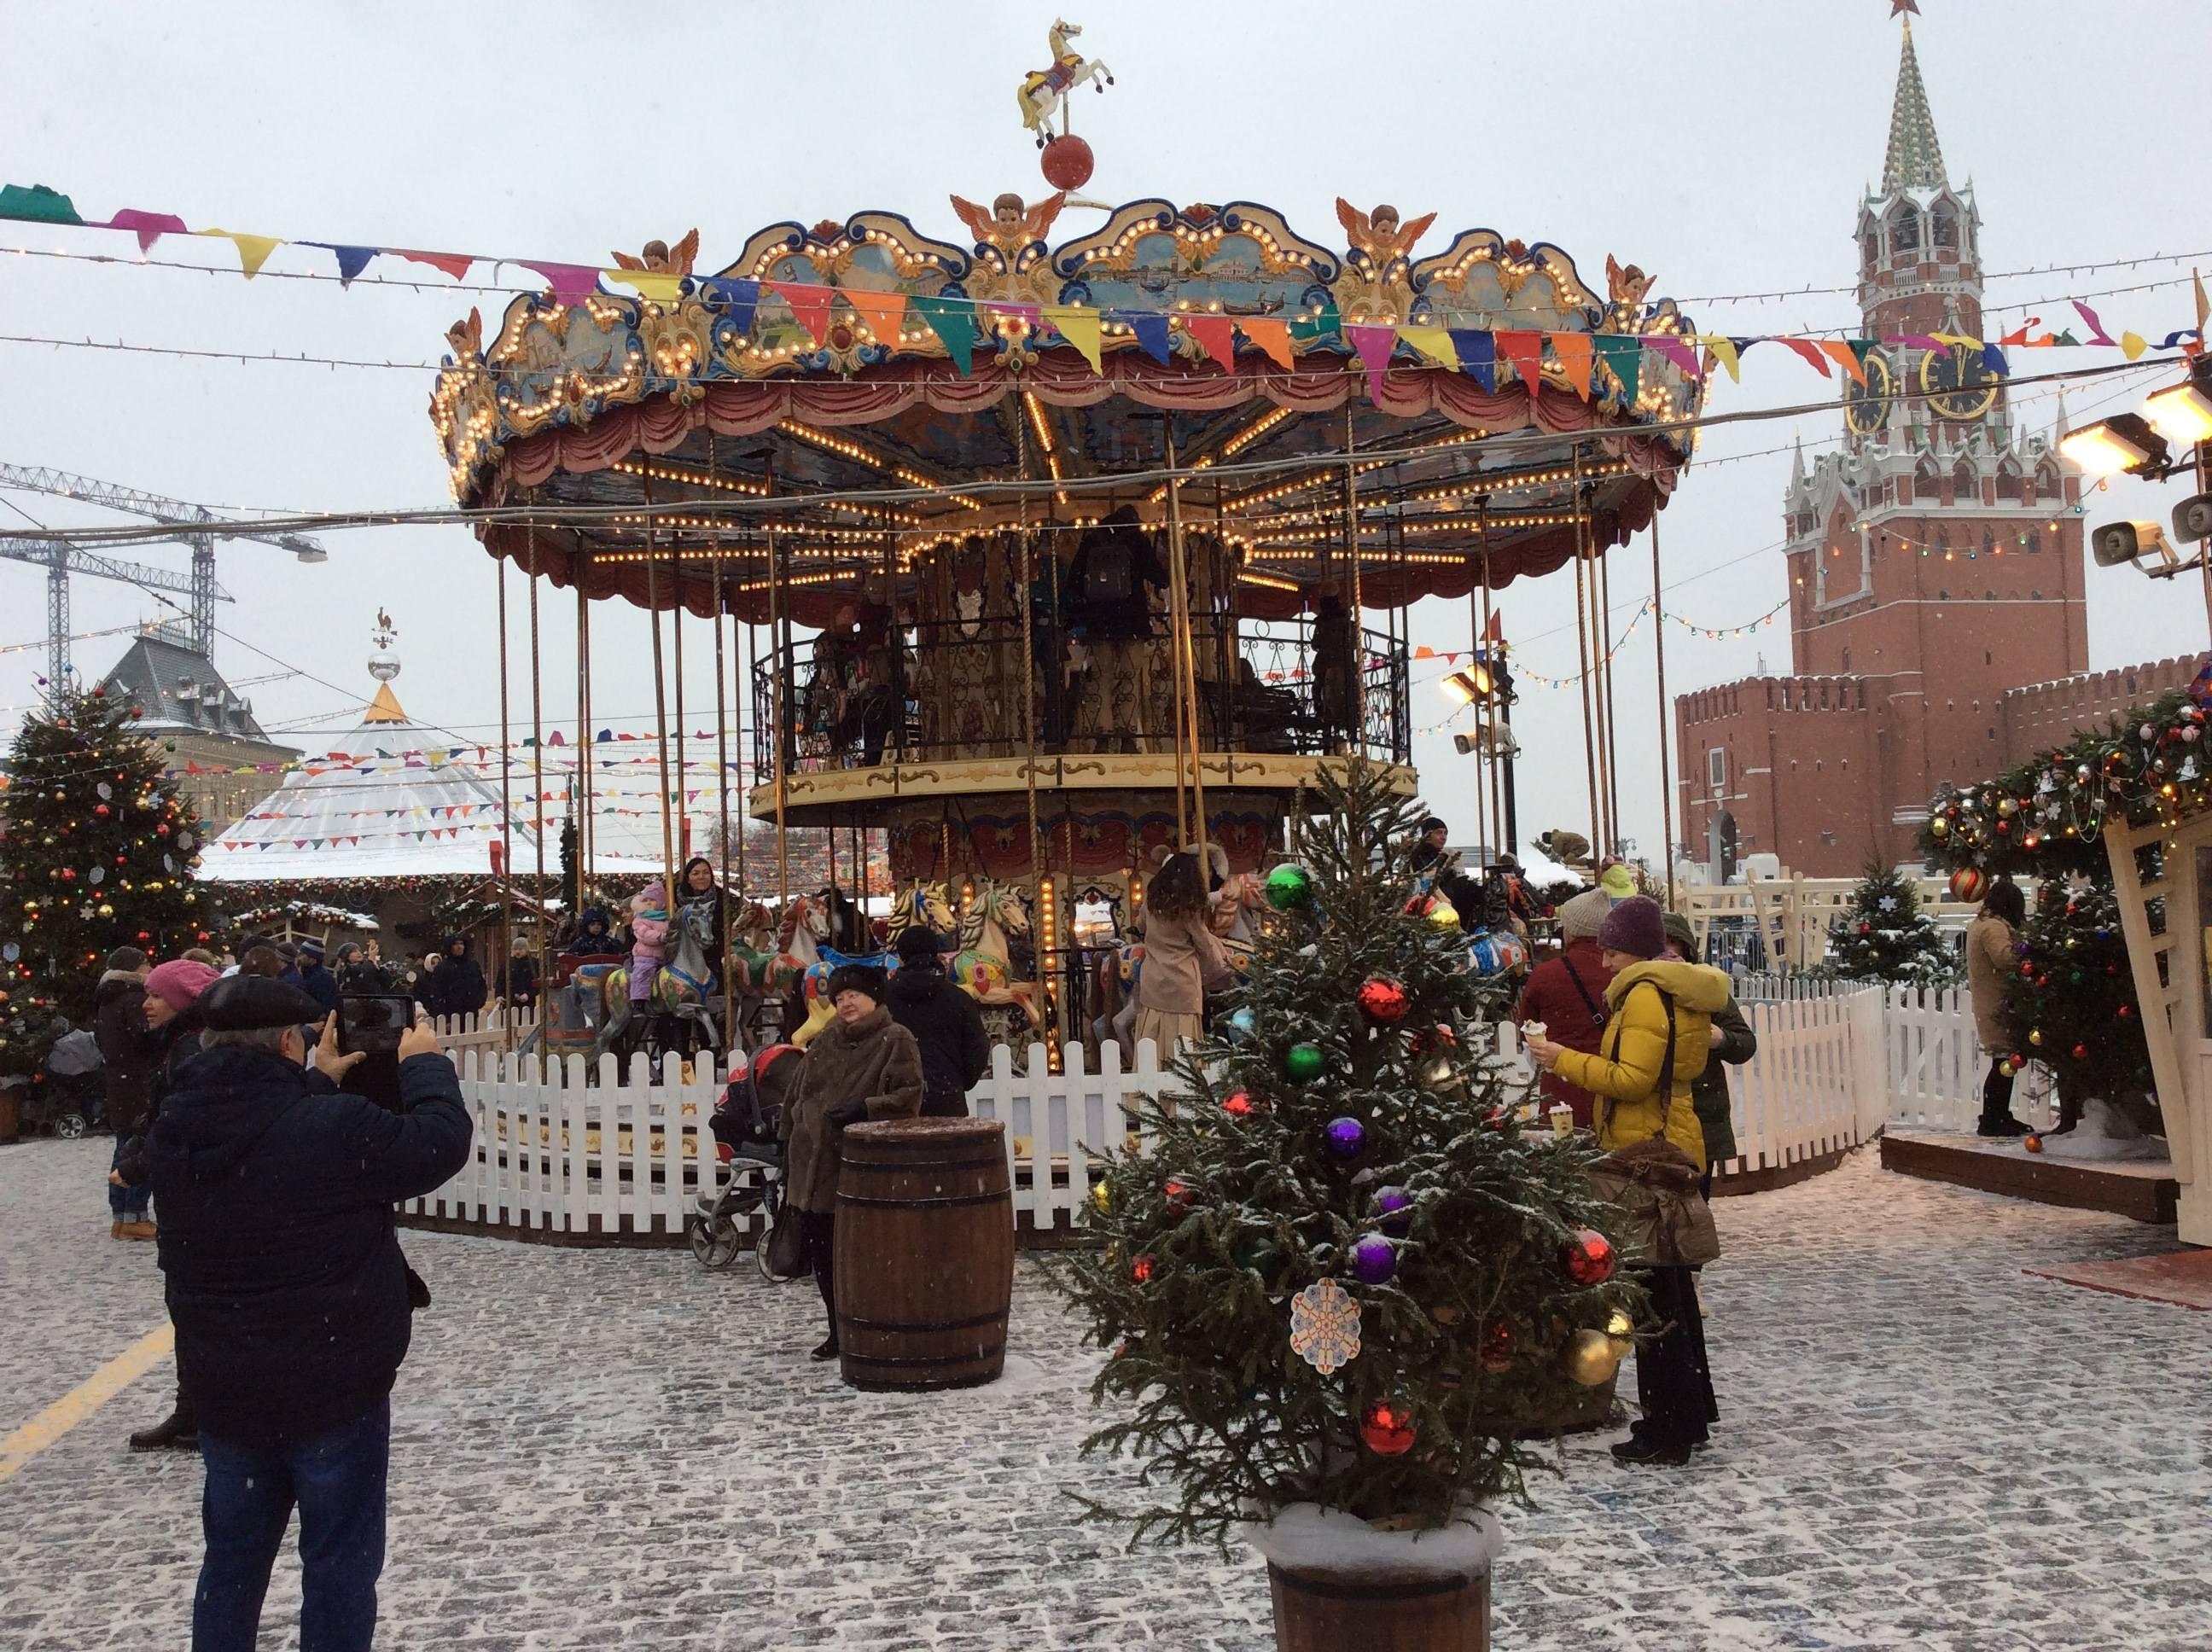 http://images.vfl.ru/ii/1544354322/e6778671/24531880.jpg